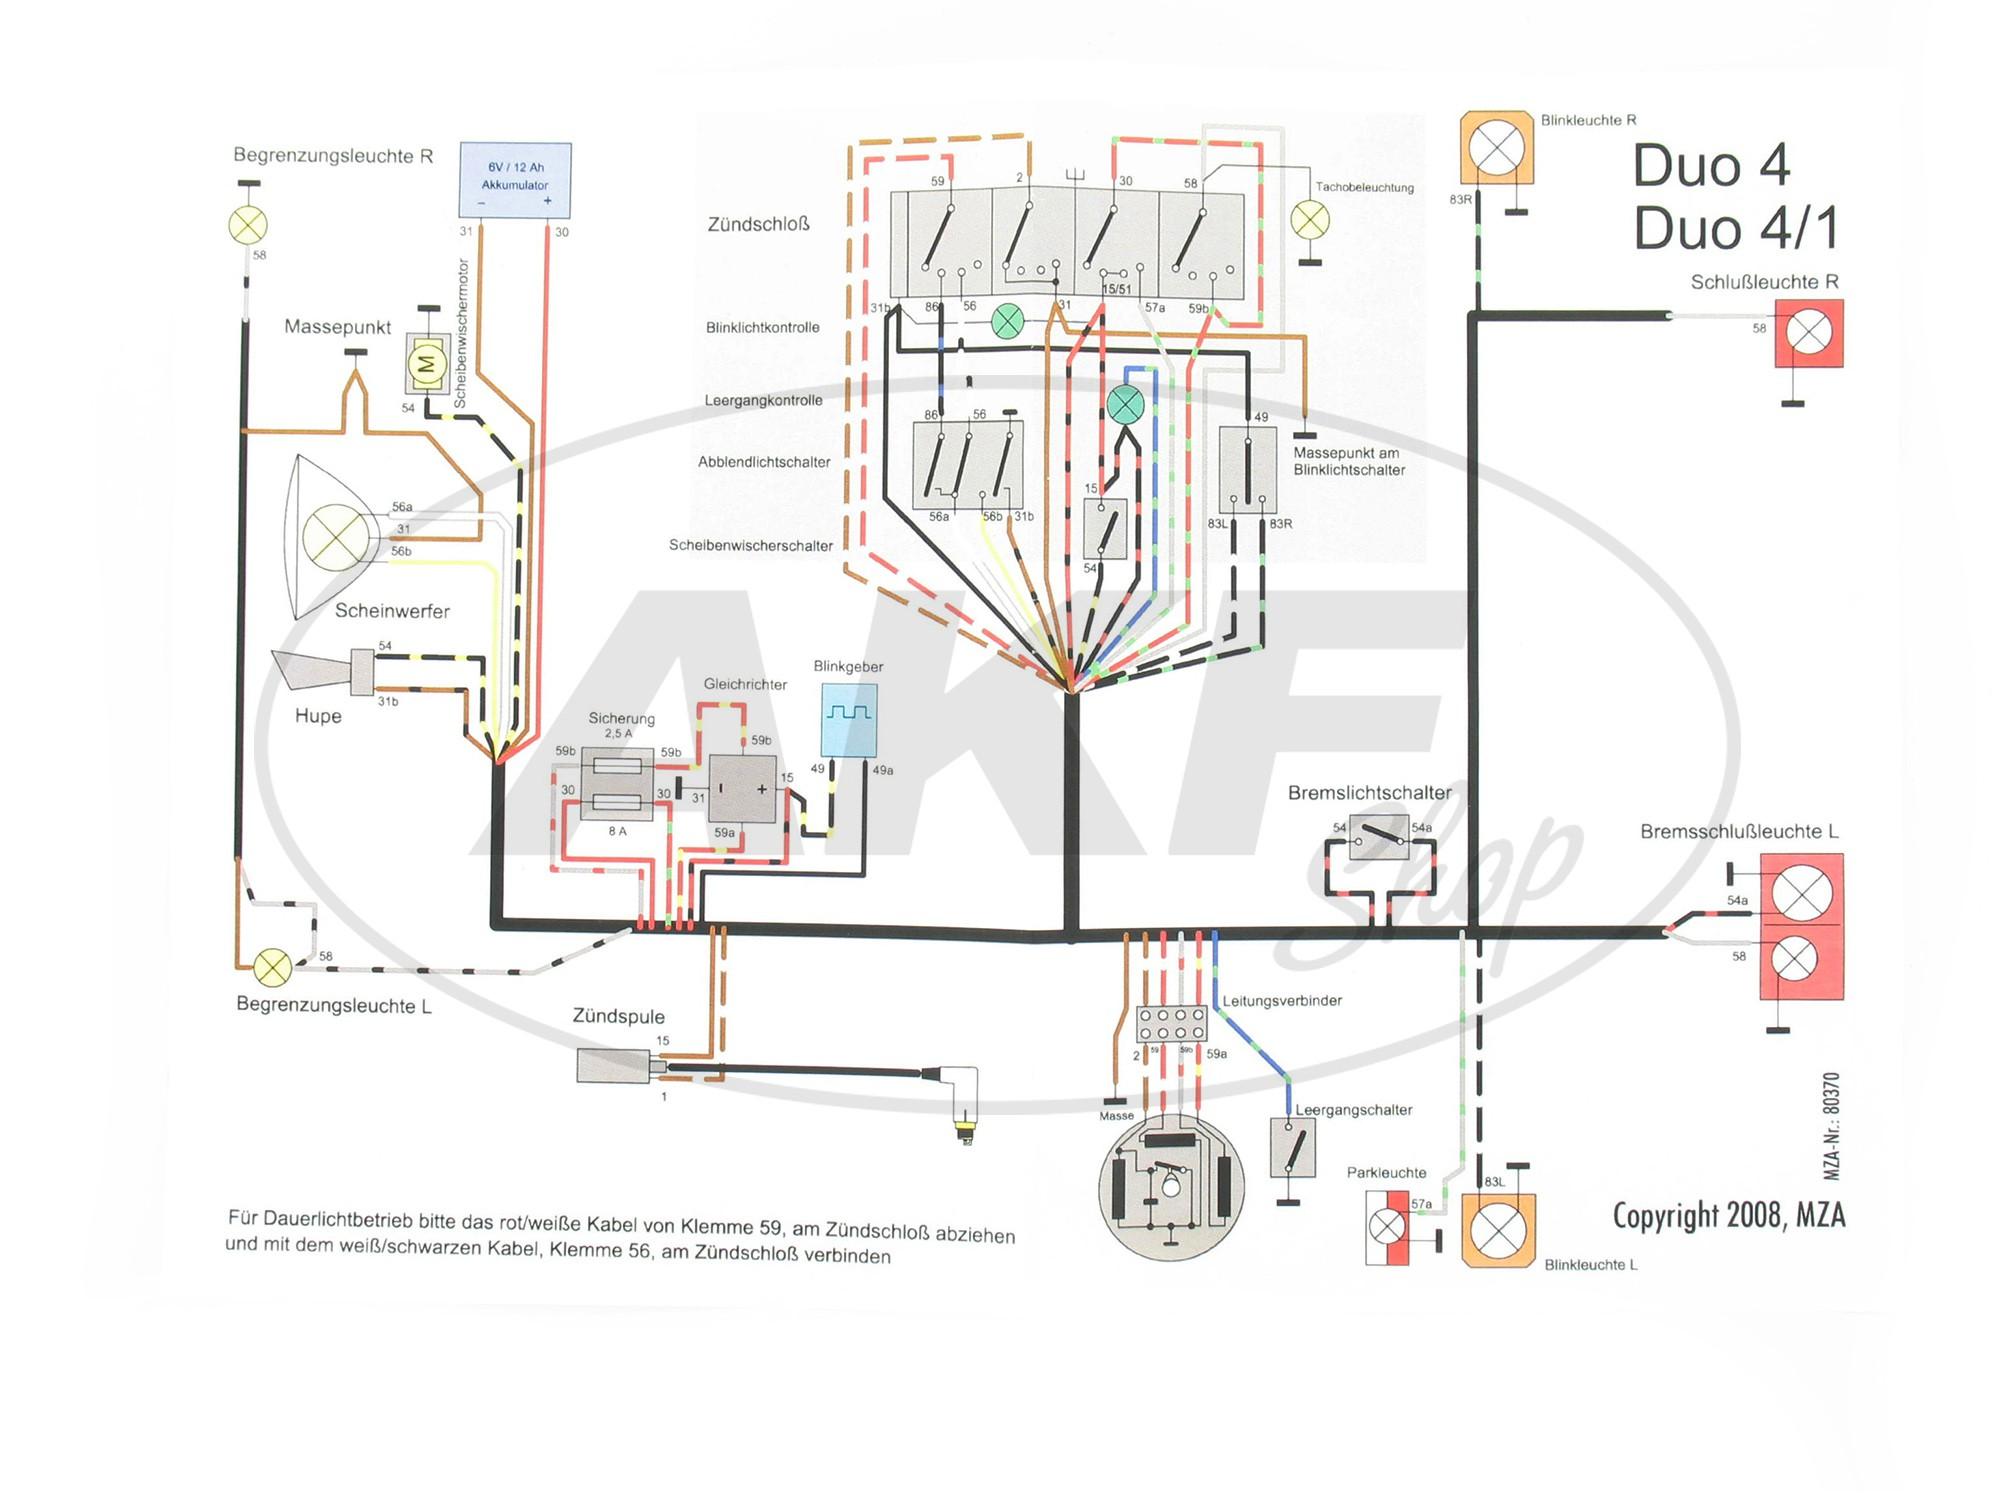 Kabelbaumset Duo 4/1 , inklusive Schaltplan